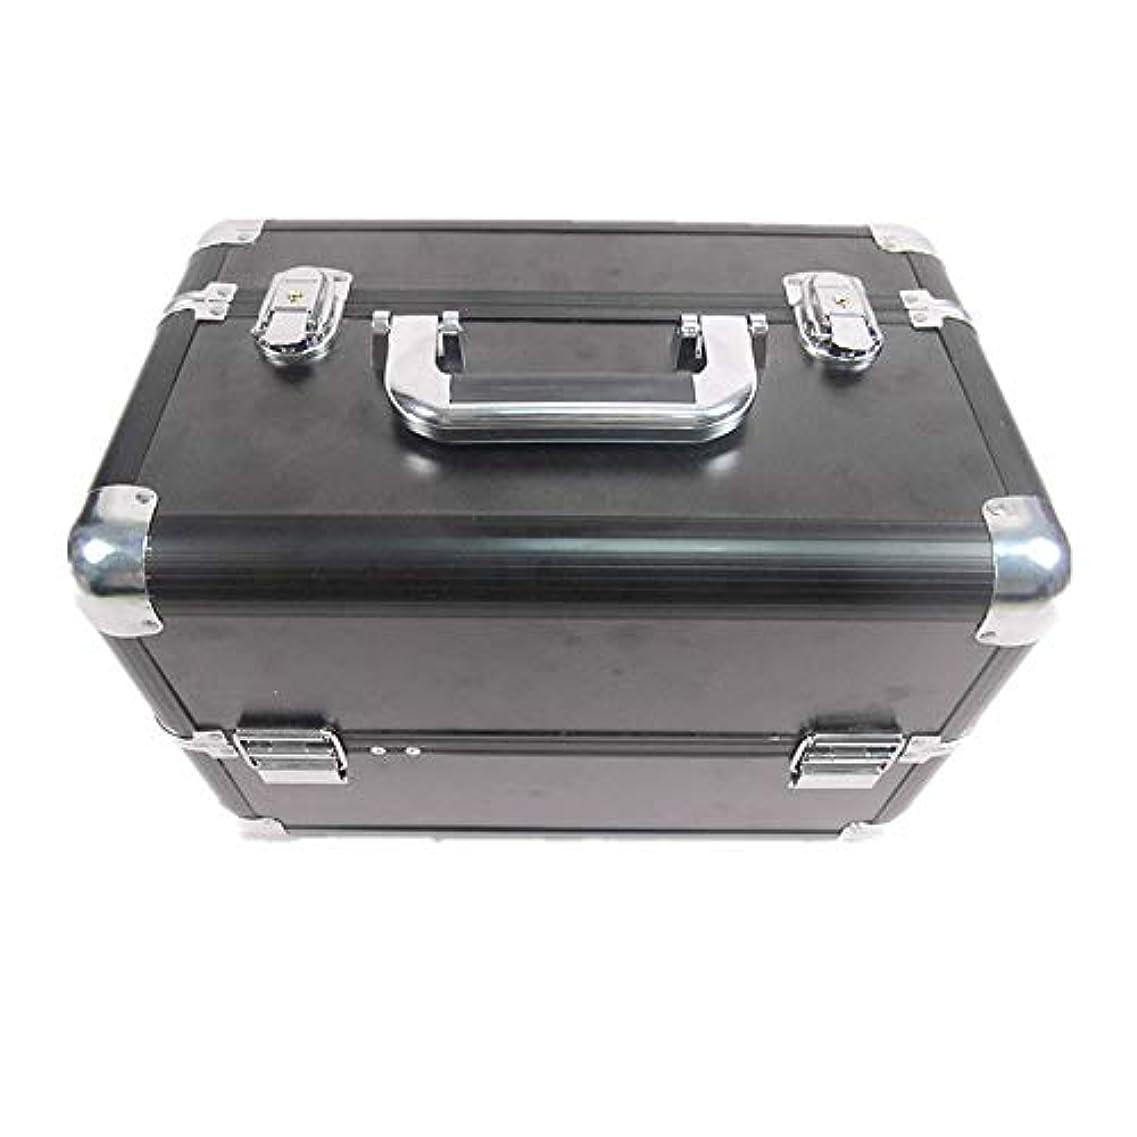 どちらか熟考する比較化粧オーガナイザーバッグ 大容量ポータブル化粧ケース(トラベルアクセサリー用)シャンプーボディウォッシュパーソナルアイテム収納トレイ(エクステンショントレイ付) 化粧品ケース